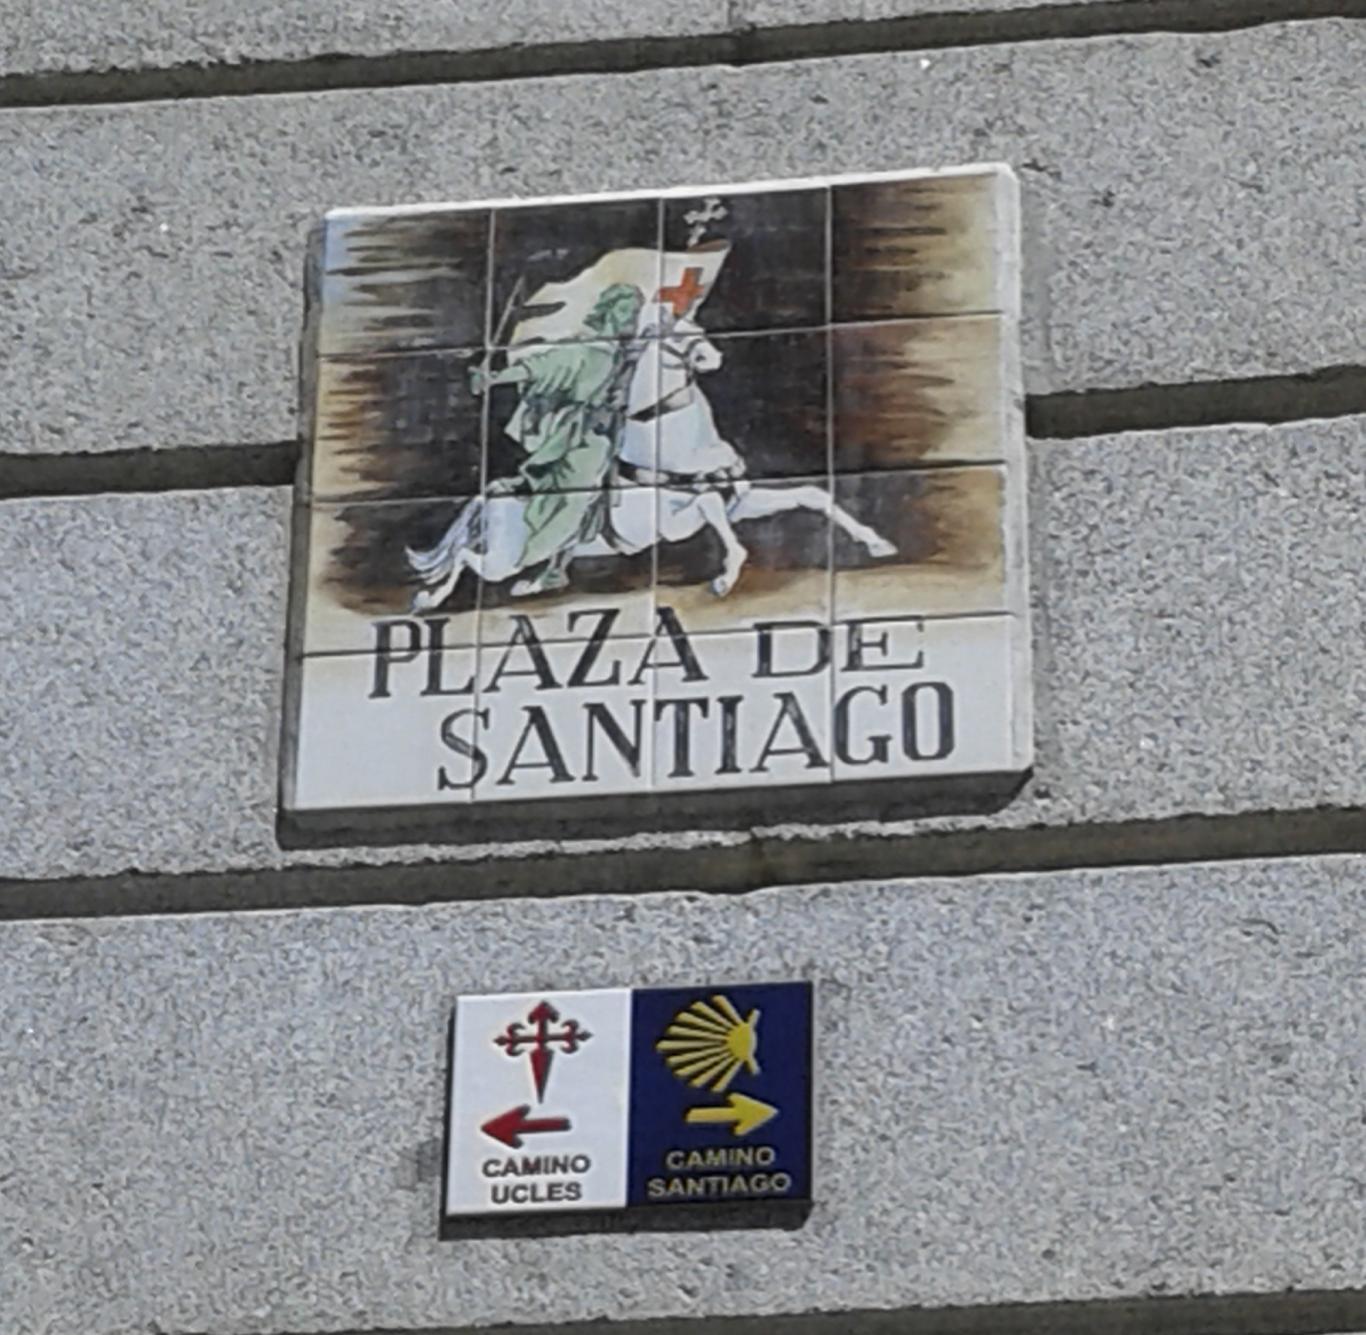 Cartel de la Plaza de Santiago, en Madrid, con indicaciones del Camino de Santiago y el Camino de Uclés